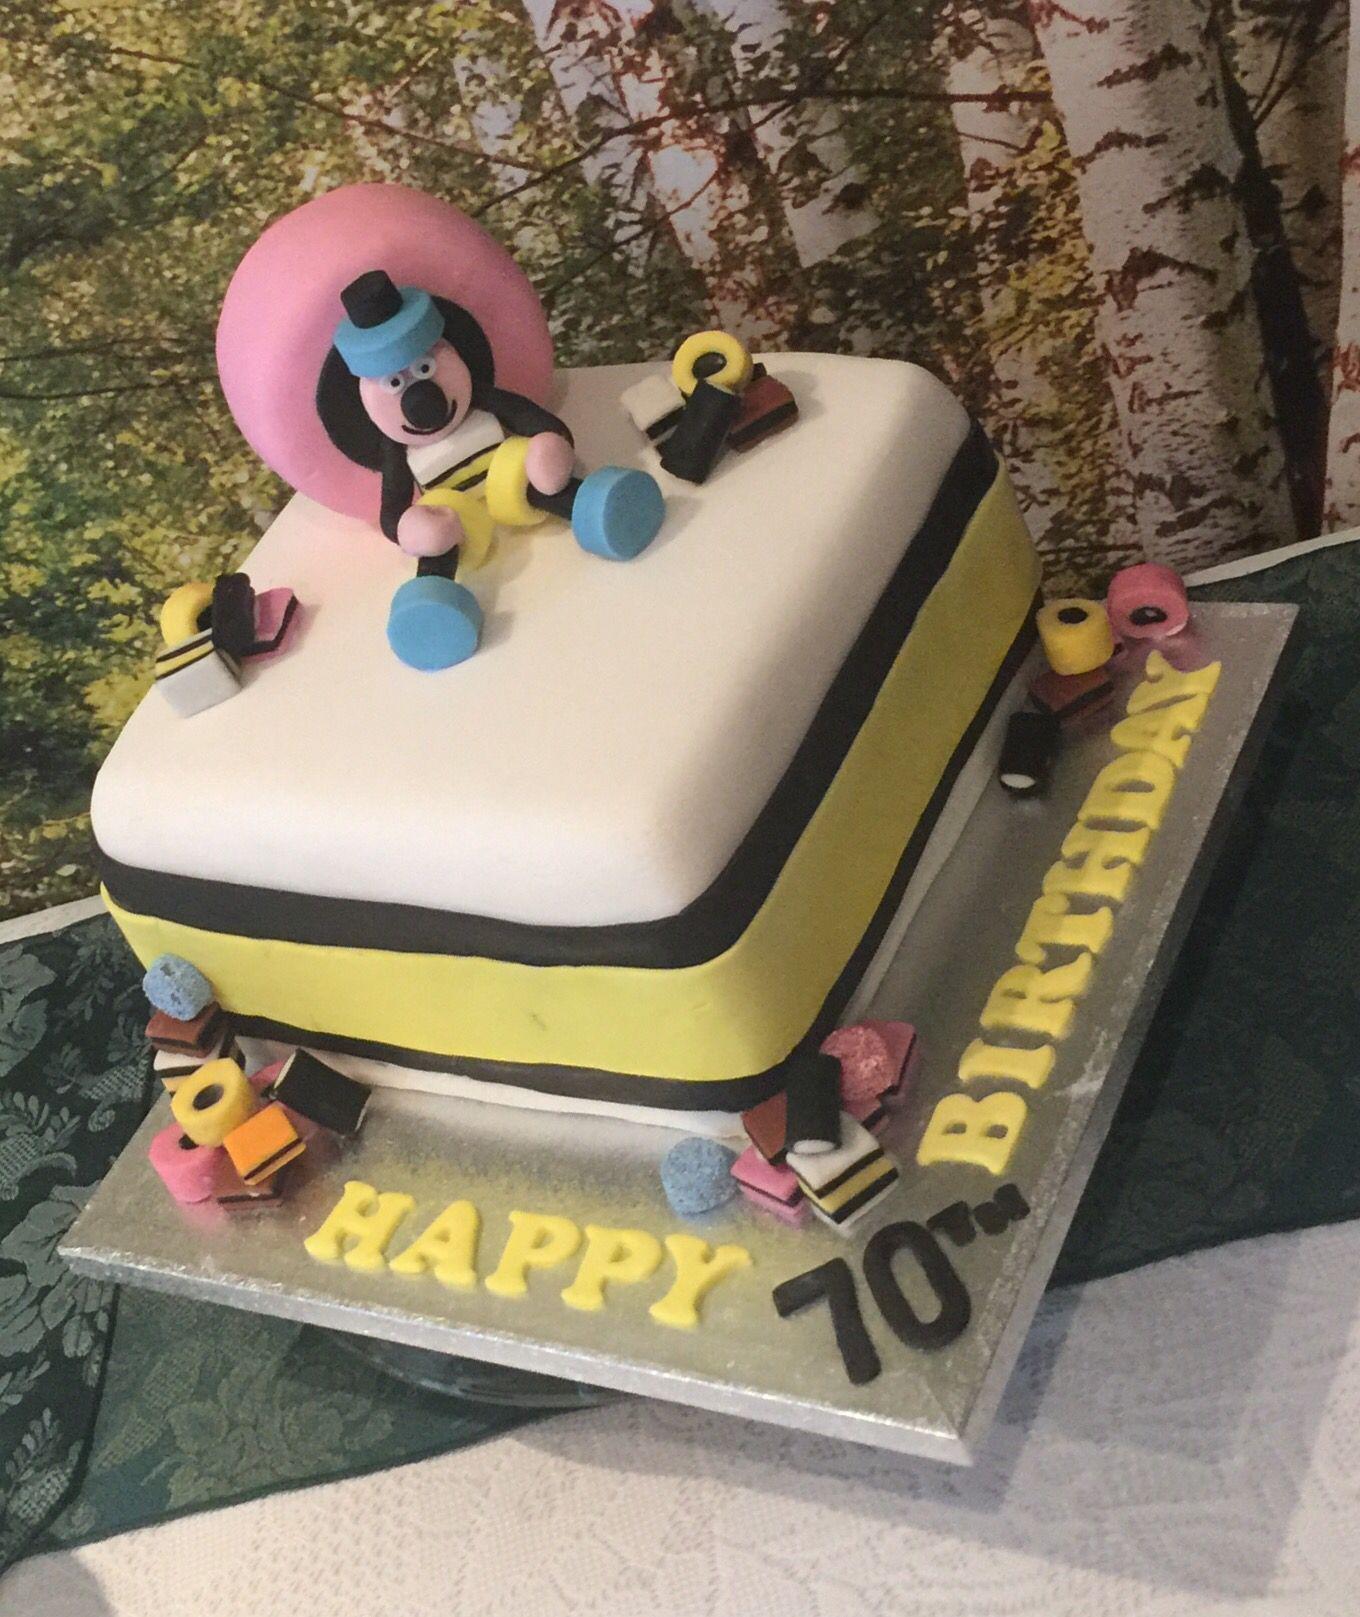 Allsorts Cake Bassett Liquorice Food Pinterest Cake - Formal birthday cakes